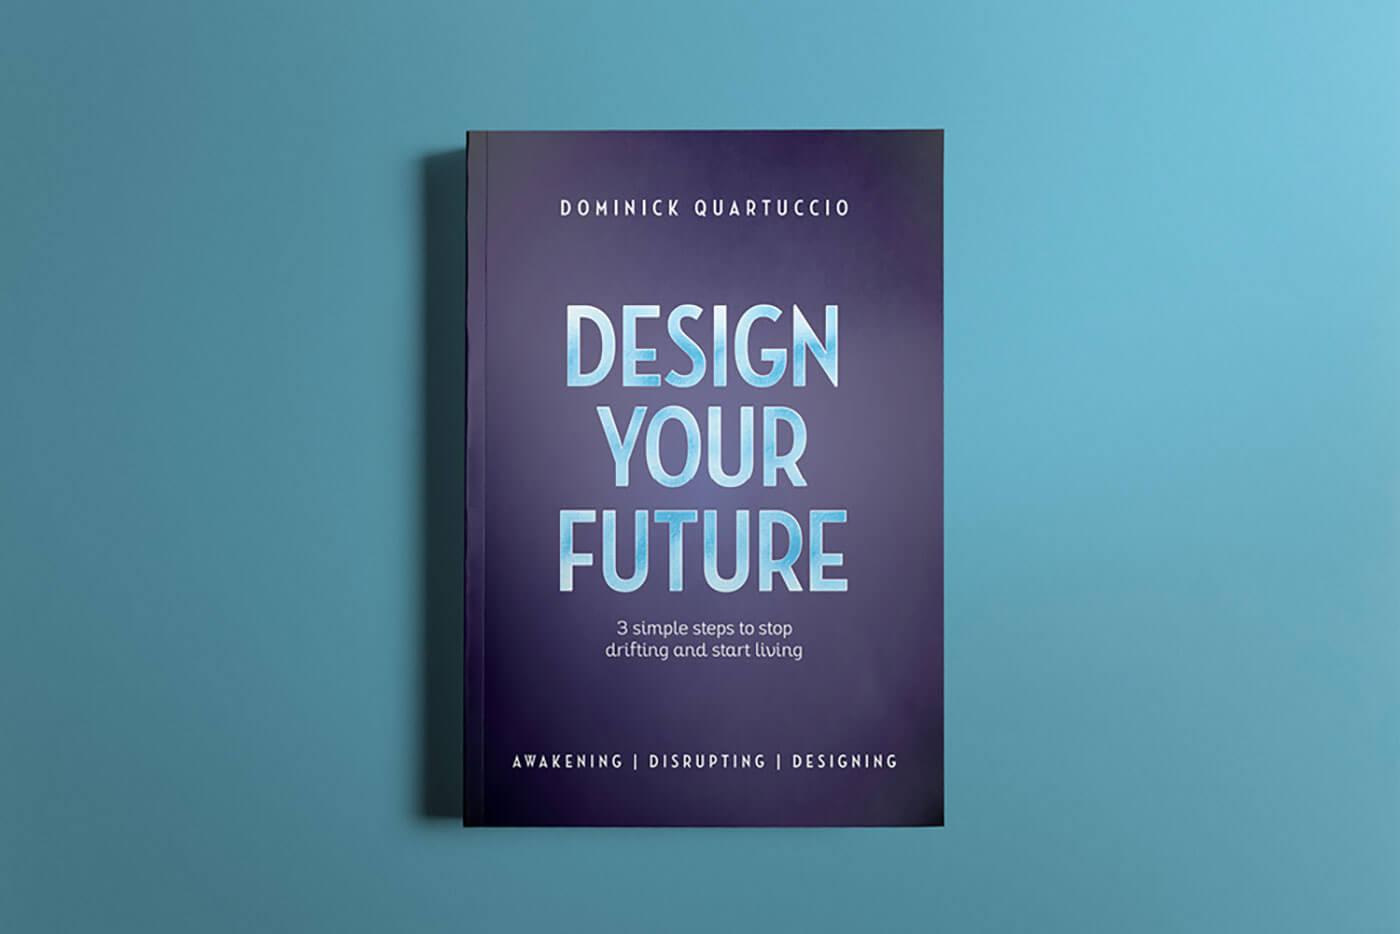 """Book cover of """"Design Your Future"""" by Dominick Quartuccio"""